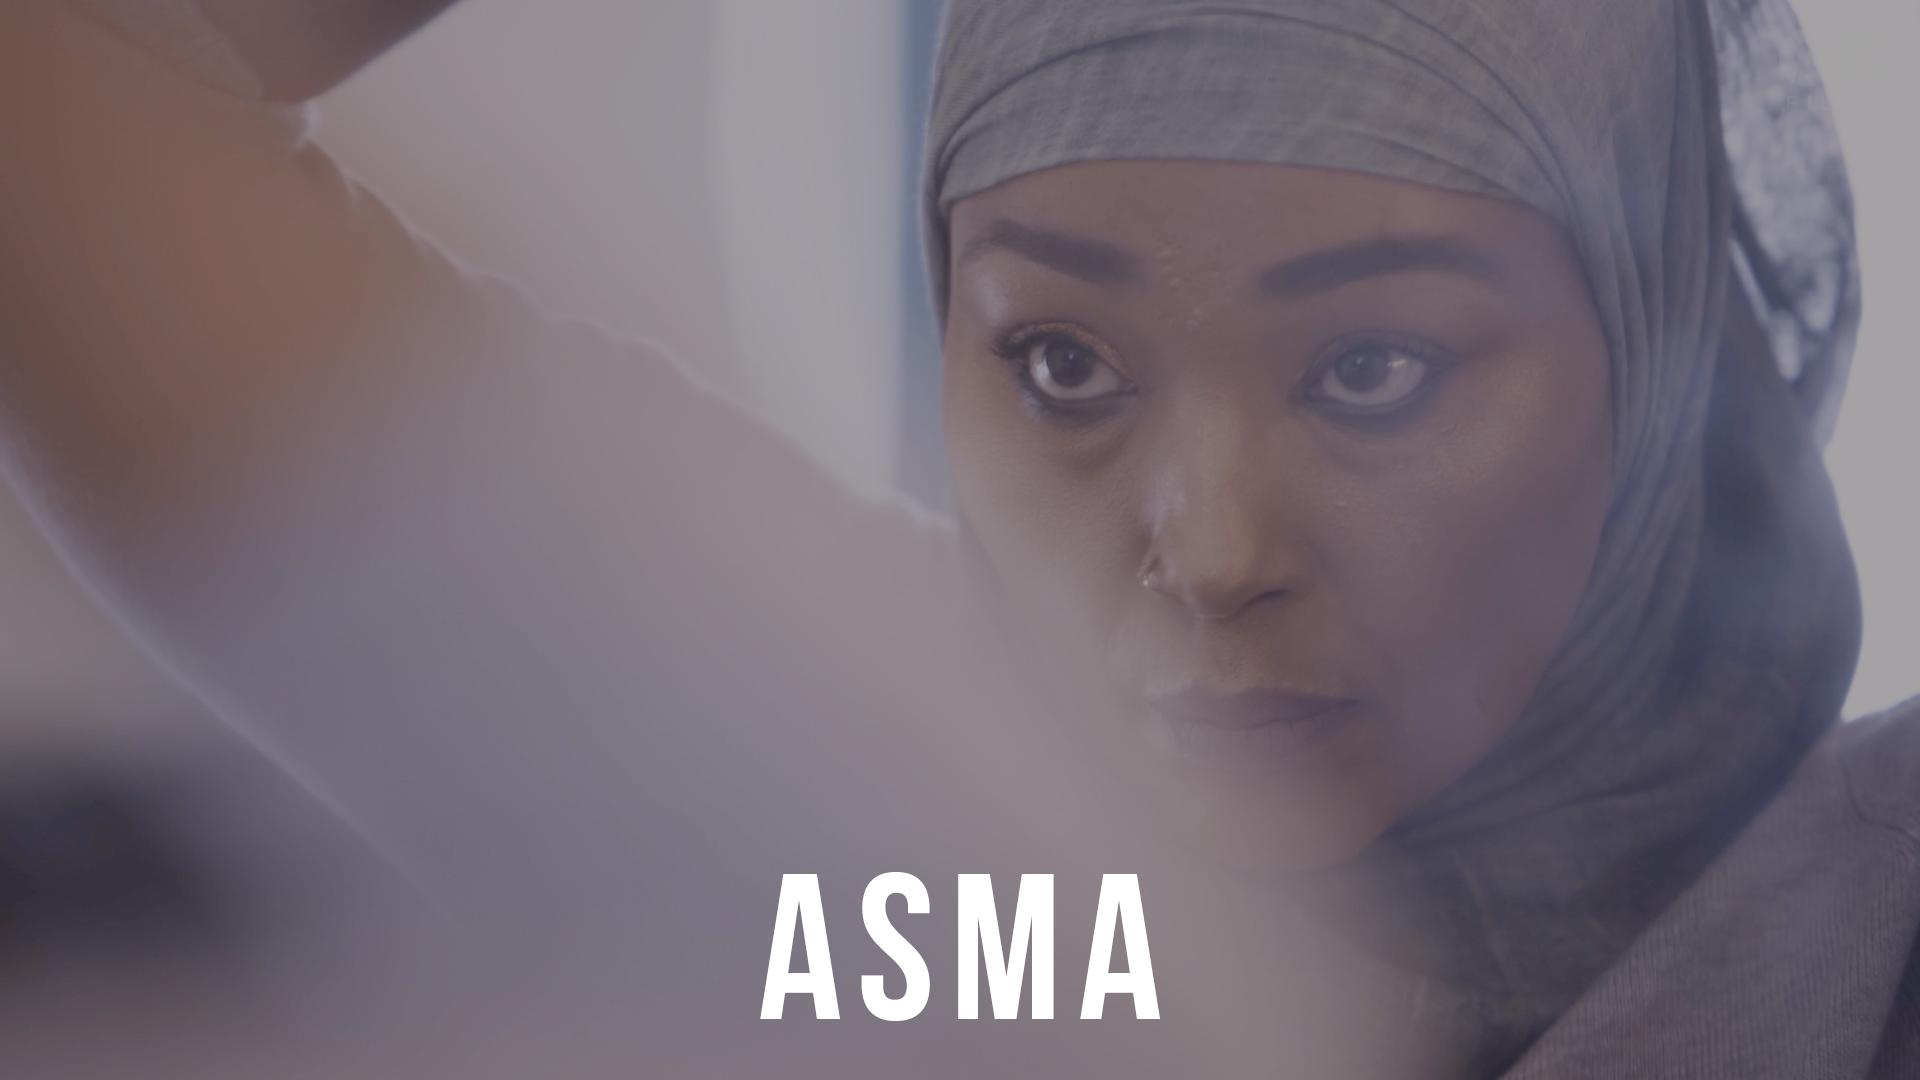 asma_jama_aubreyadenbuie